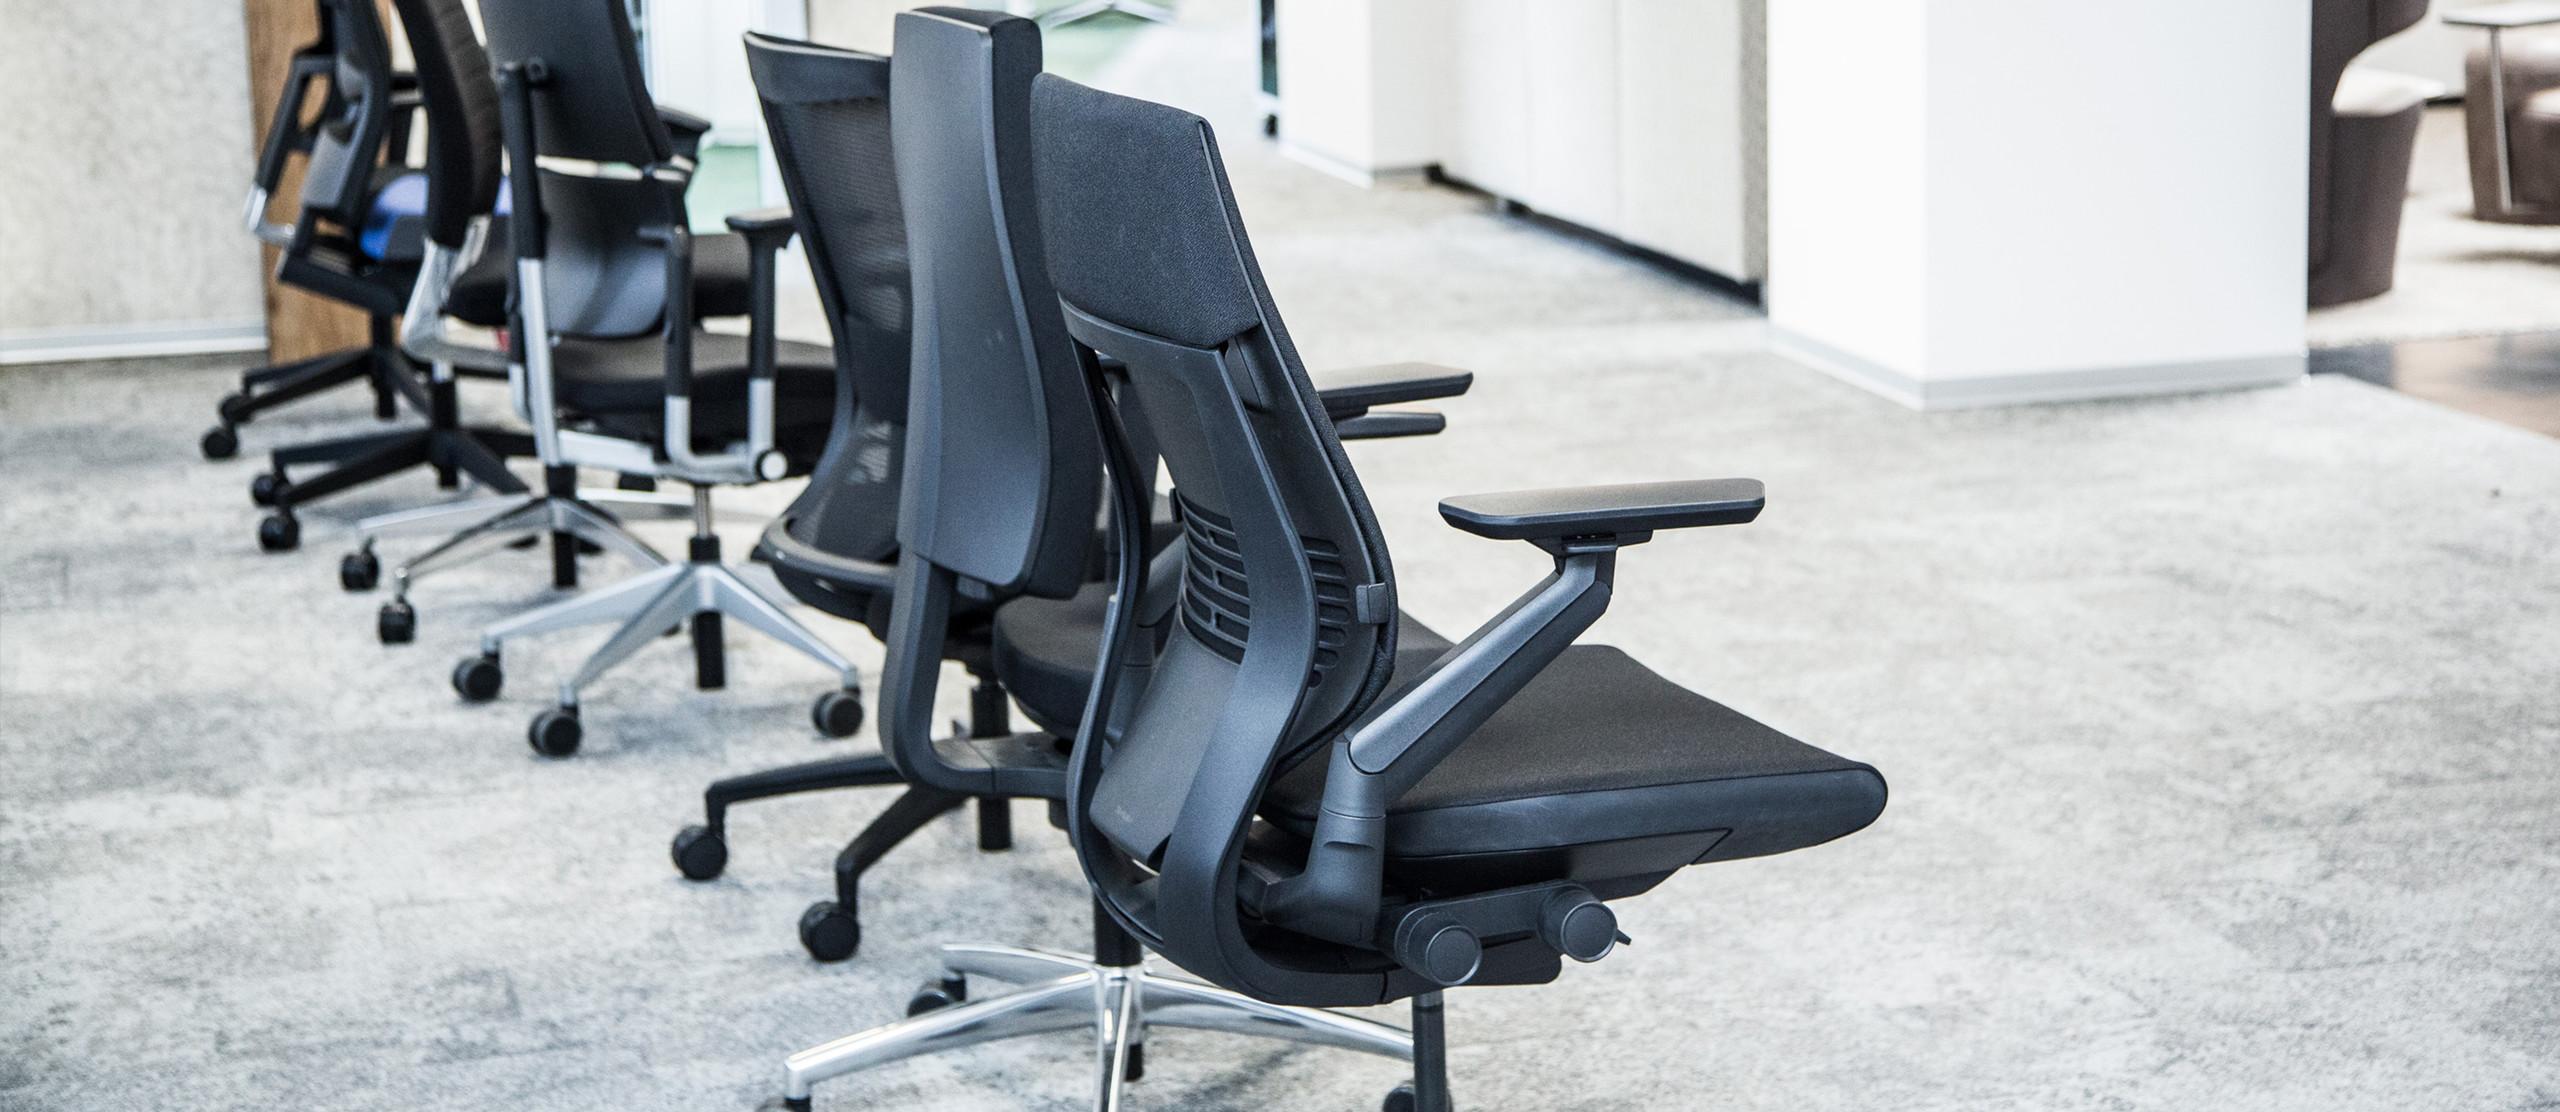 Gesund arbeiten am ergonomischen Arbeitsplatz